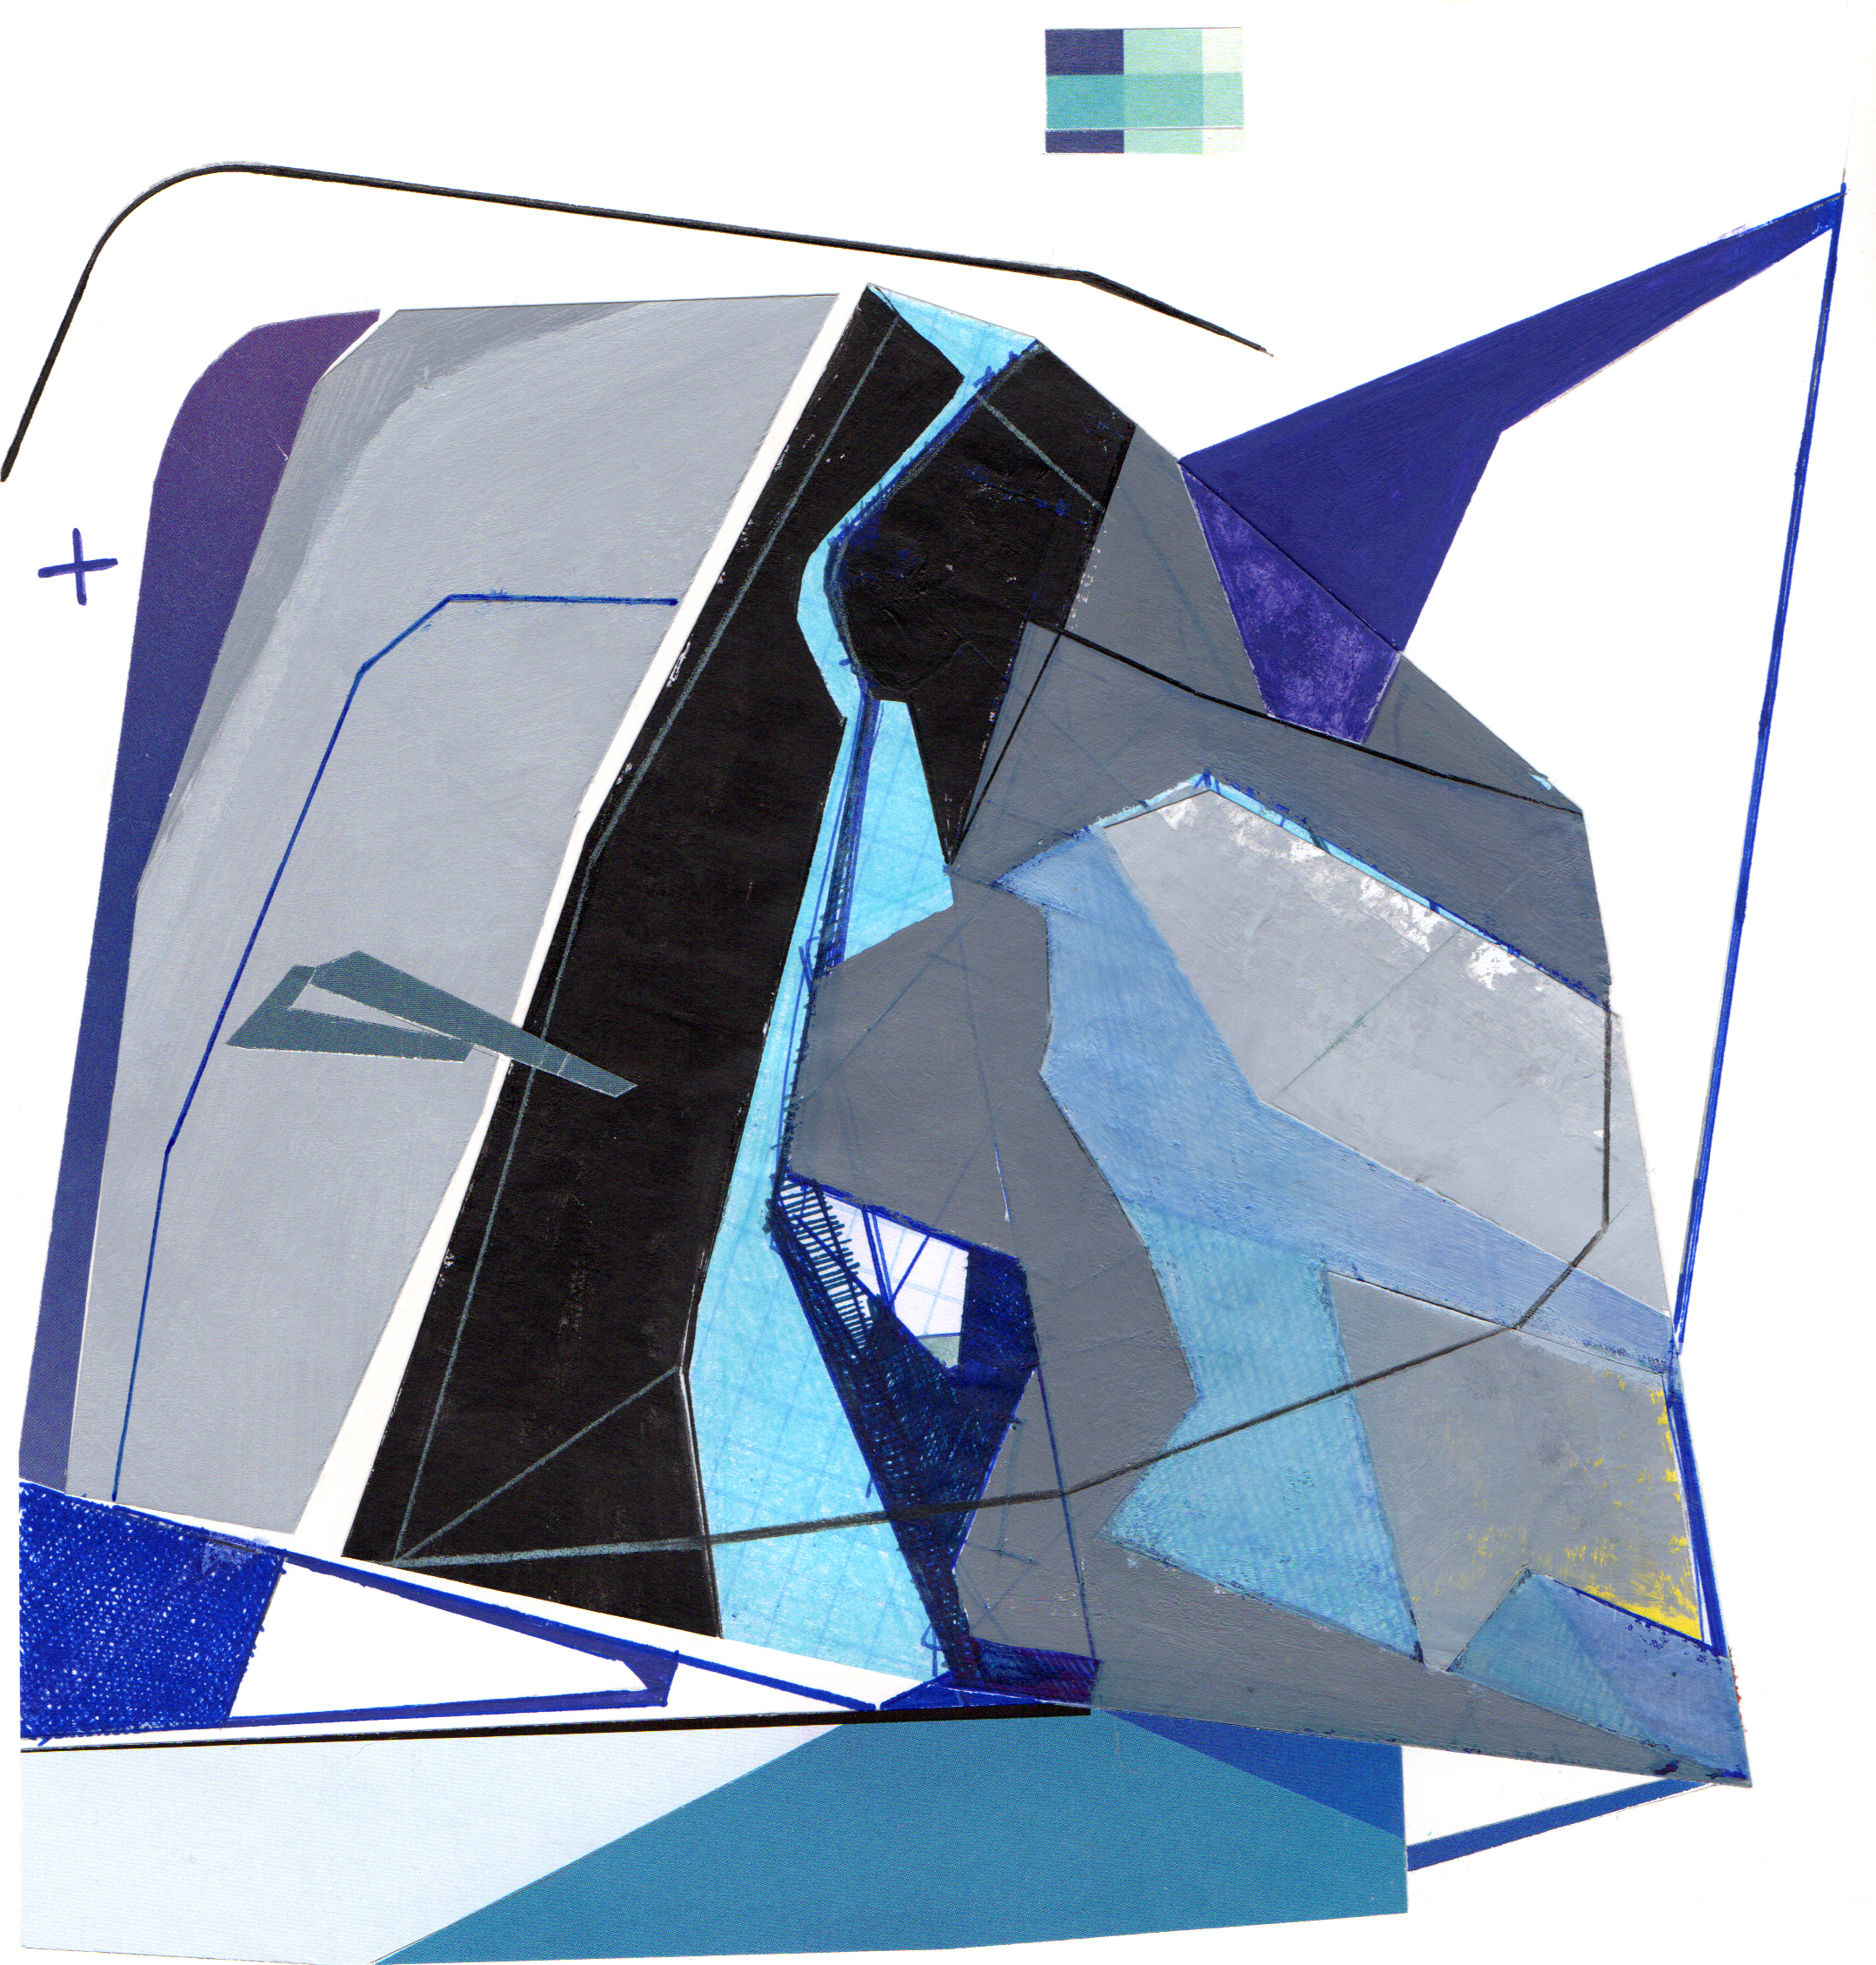 studio_improvviso_dinamico-frammentato_001.jpg